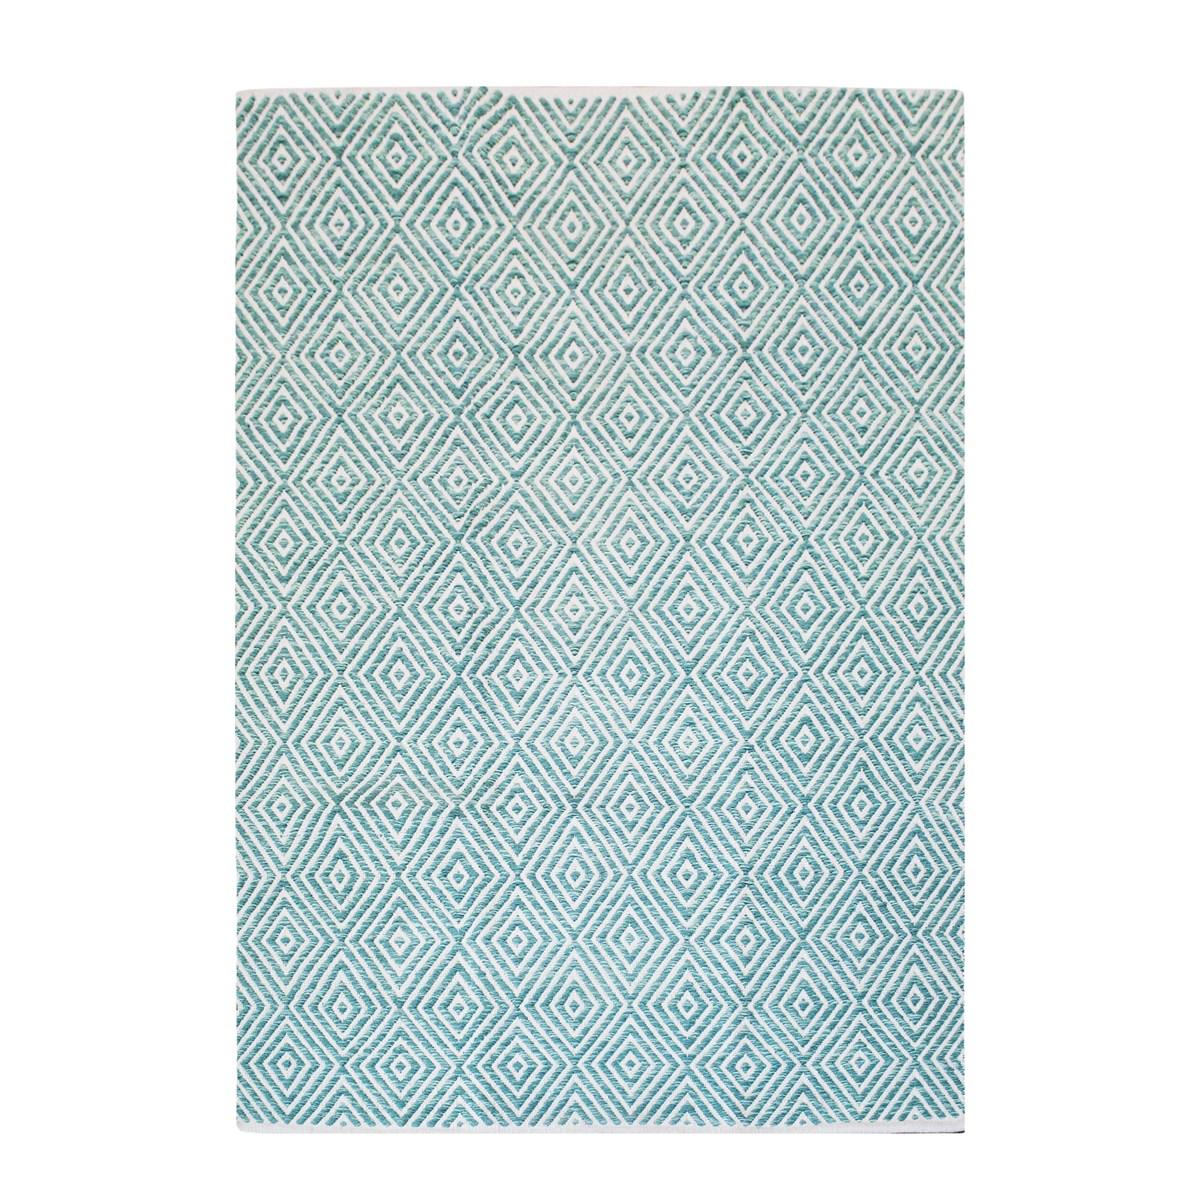 Tapis design en Coton Bleu ciel 160x230 cm